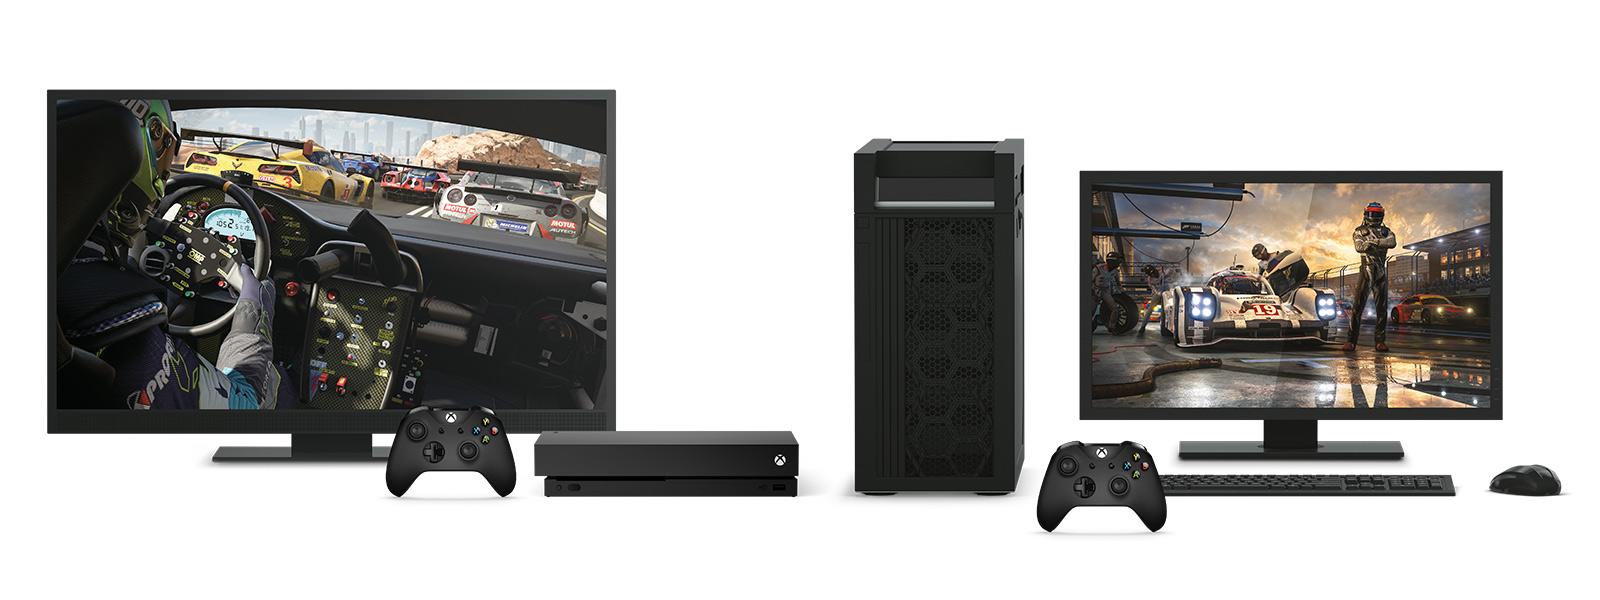 Une console XboxOneX et un appareil4K avec ForzaMotorsport7 sur l'écran d'un téléviseur et d'un ordinateur